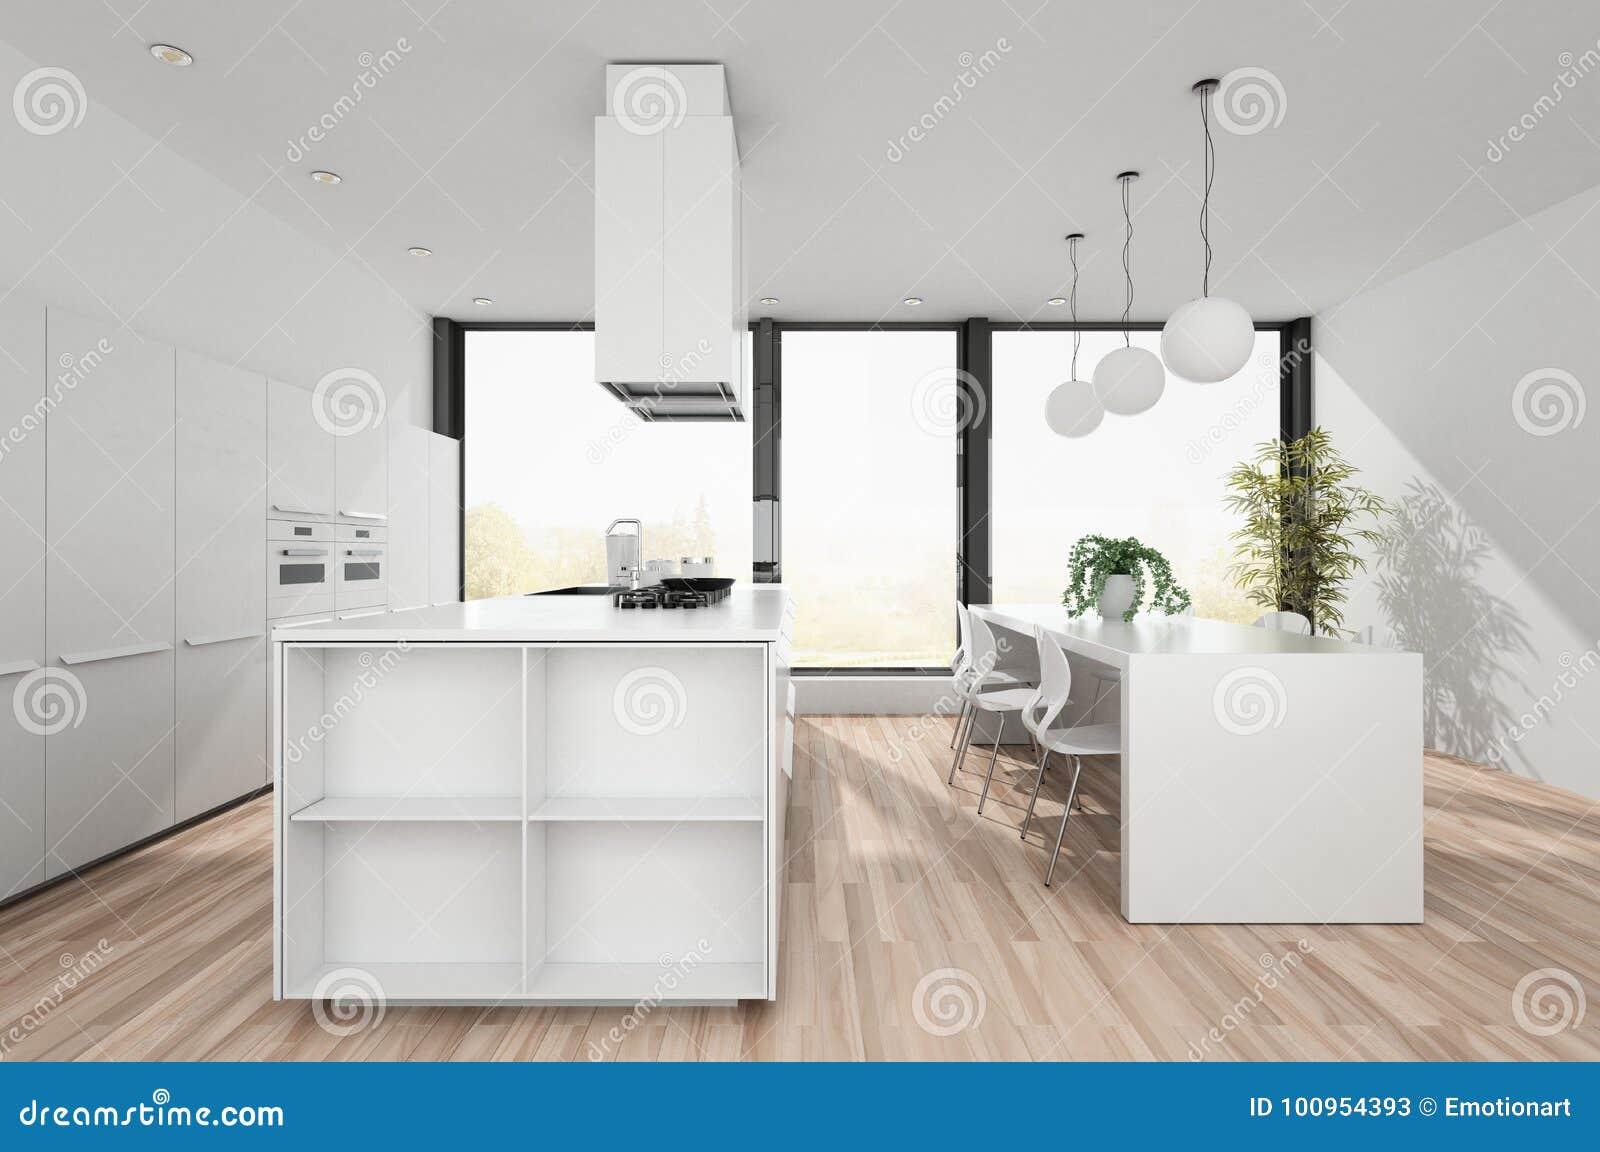 Cozinha Branca Moderna Com Rea De Jantar Ilustra O Stock